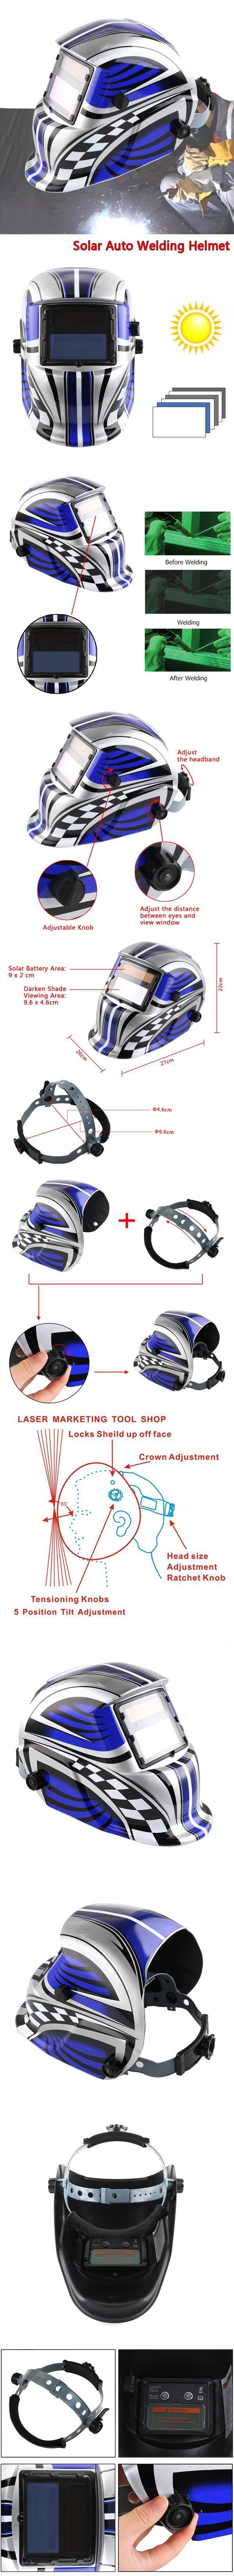 Солнечная Авто Затемнение Сварочный Шлем TIG MIG сварочный защитное стекло aeProduct.getSubject()